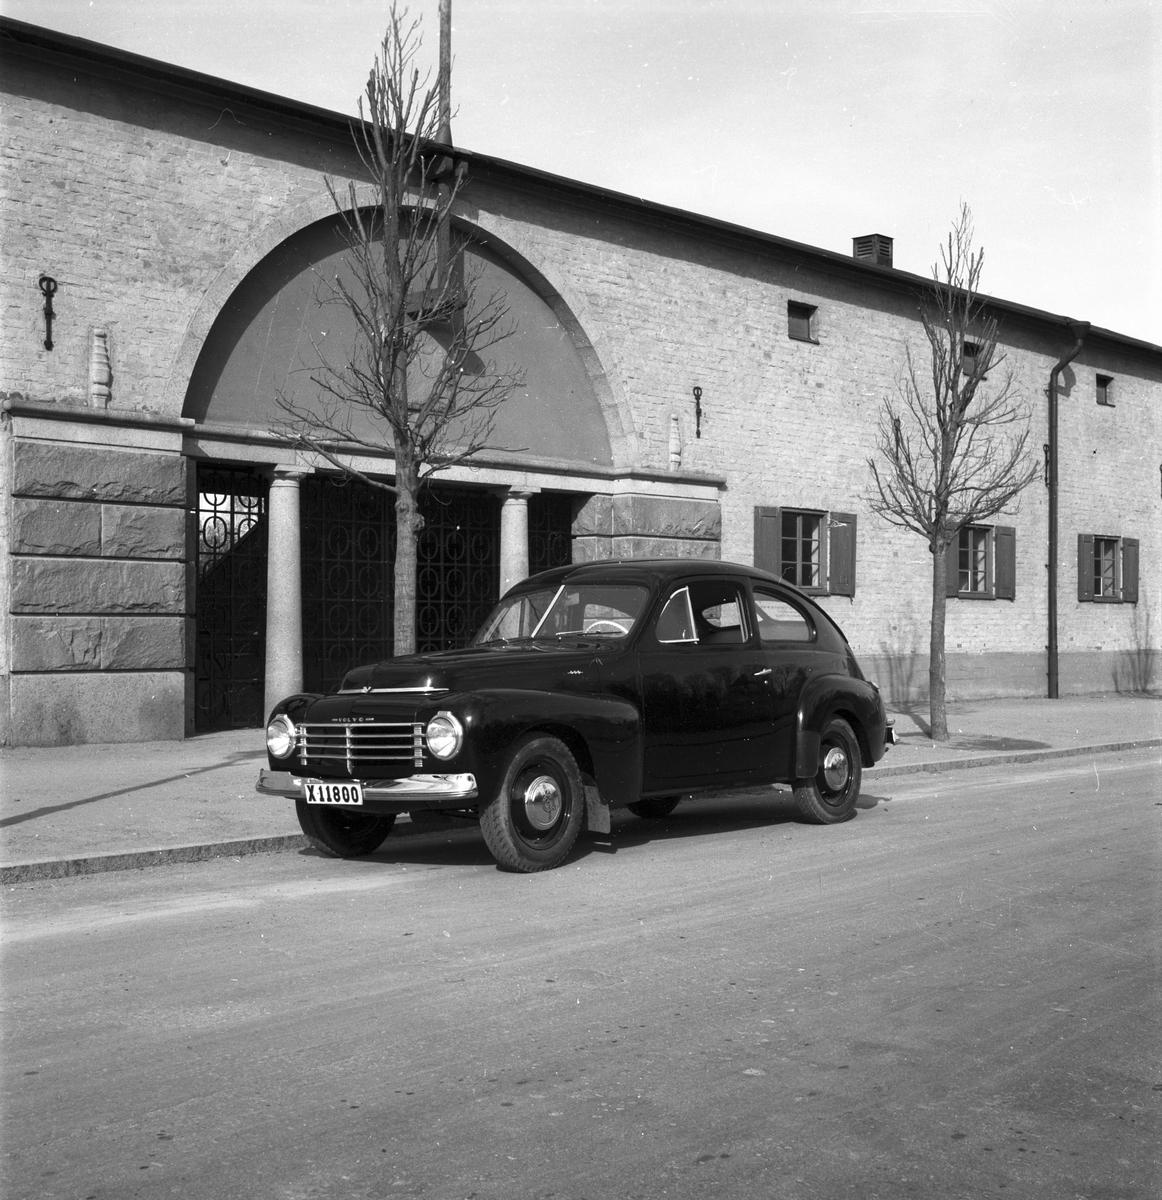 Personbil Volvo PV 444. Reg X11800. Bilden tagen utanför Strömvallen Kungsbäcksvägen Gävle i maj 1947.